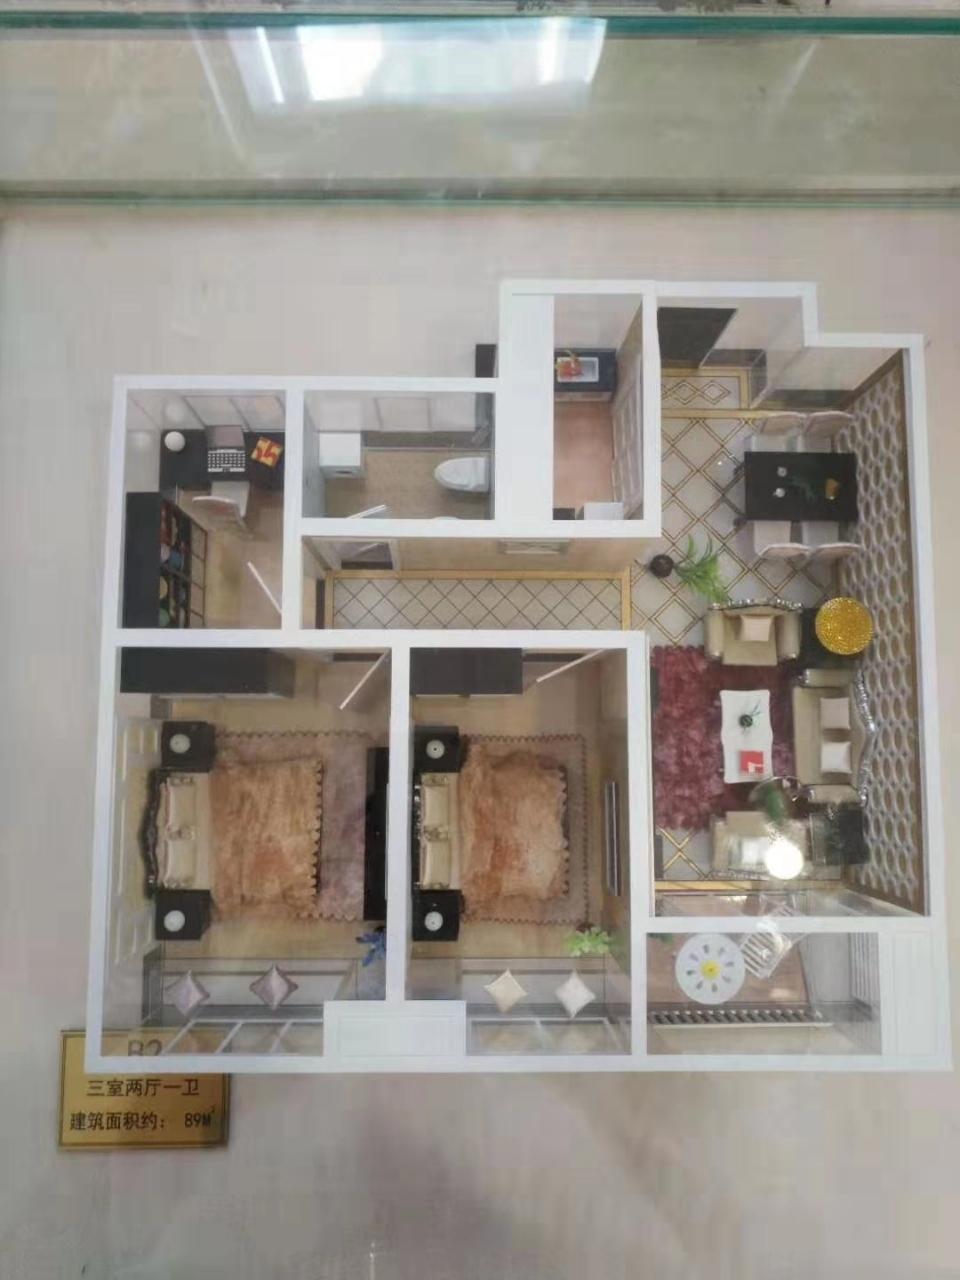 奥园广场3室 1厅 1卫面议